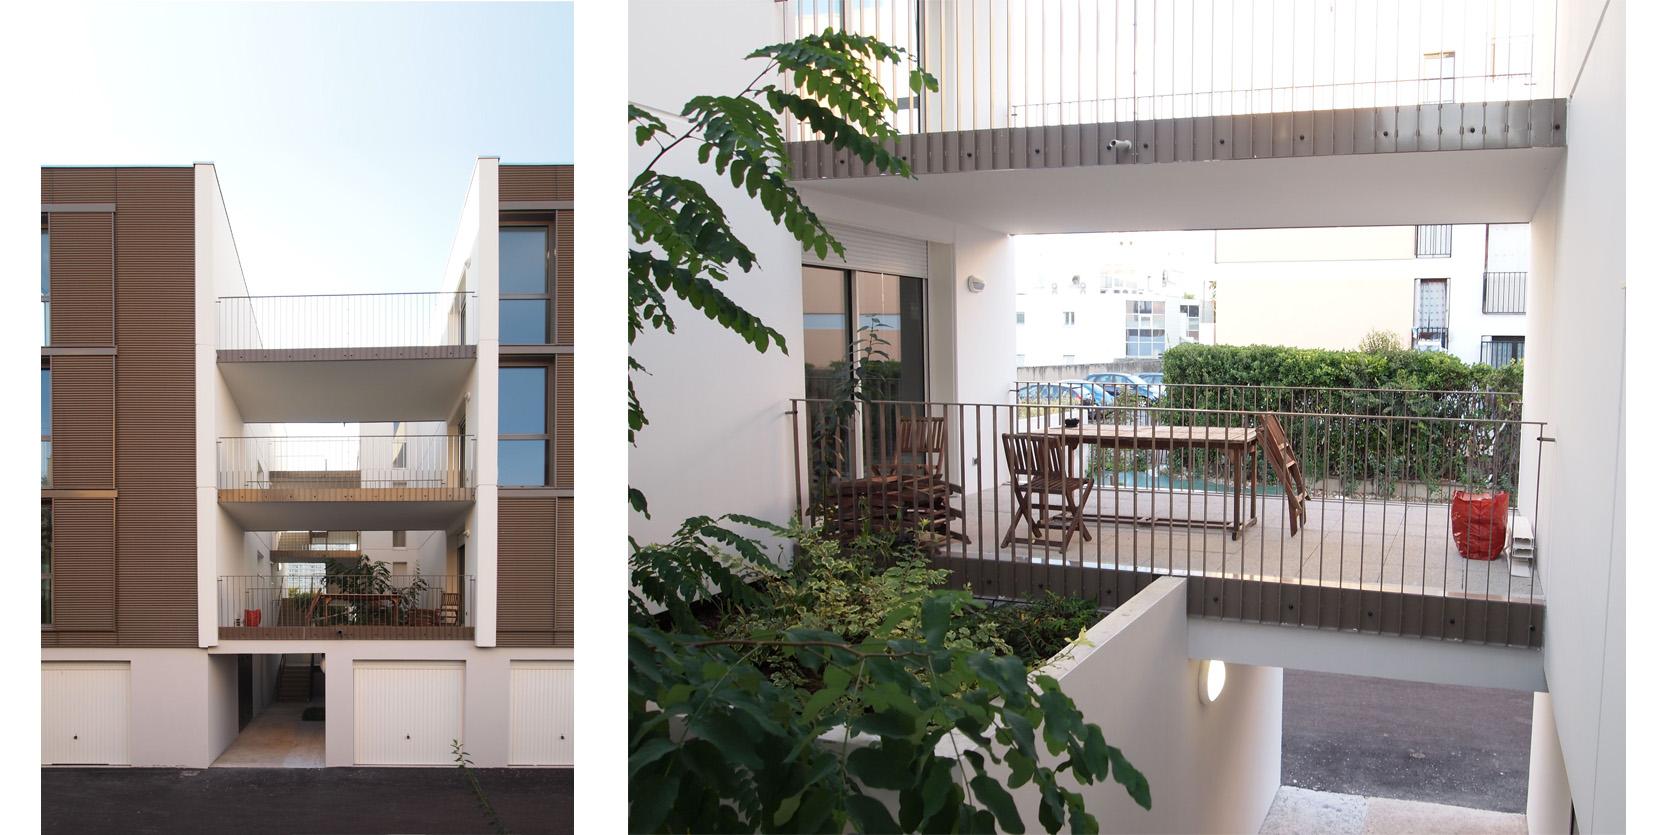 15 logements en accession sociale eric poucheret architecte - Toulousaine d habitation ...